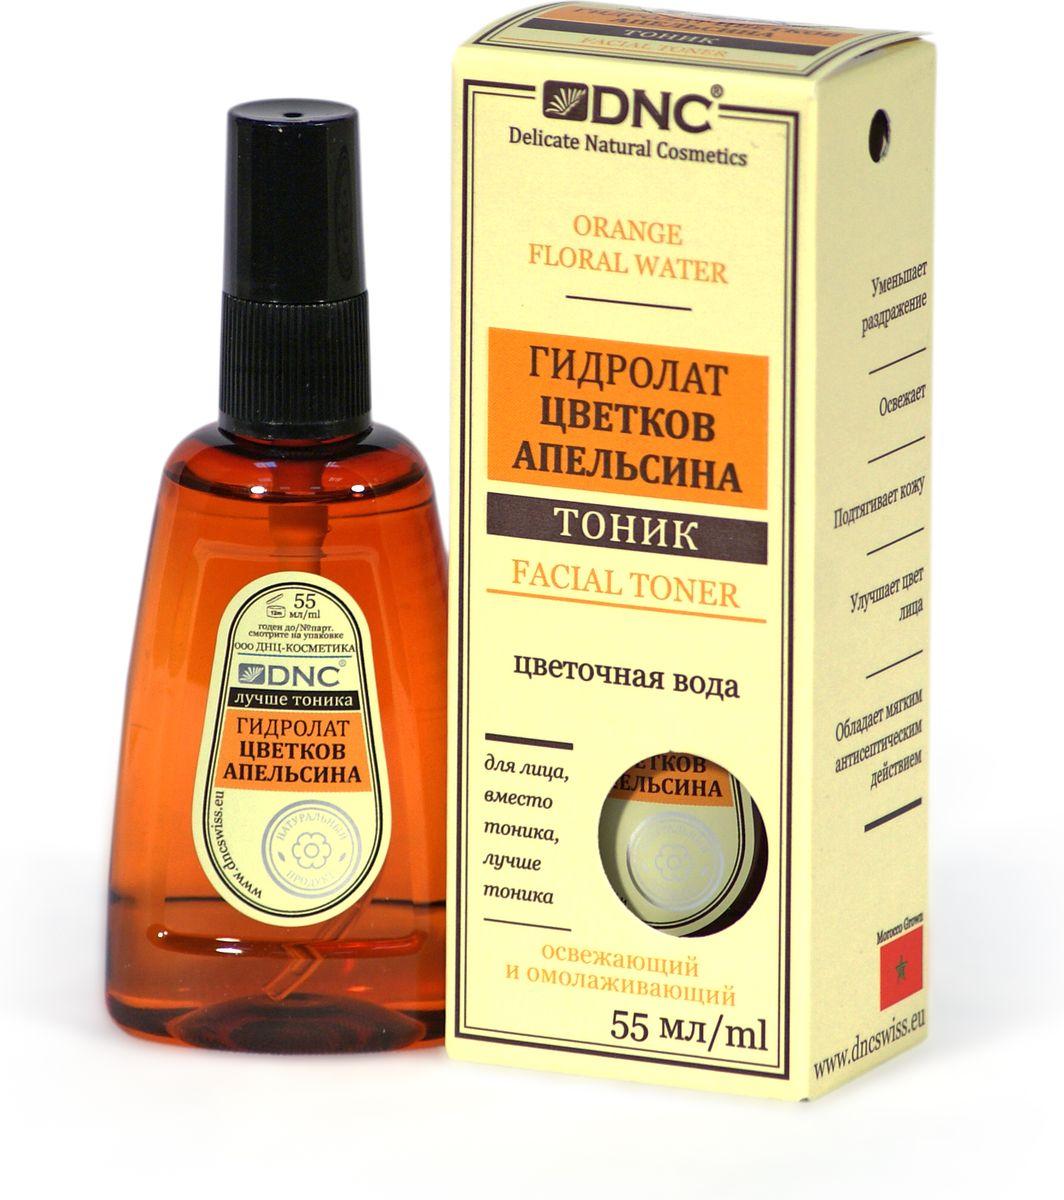 DNC Гидролат Цветков Апельсина, 55 млAC-2233_серыйТонизирующая, очищающая и освежающаяводная эссенция цветков апельсина. Пробуждает в коже естественное стремление к молодости и обновлению. Возвращает шелковистость и свечение самой утомленной коже. Снимает мышечное напряжение, уменьшает рельеф морщин.